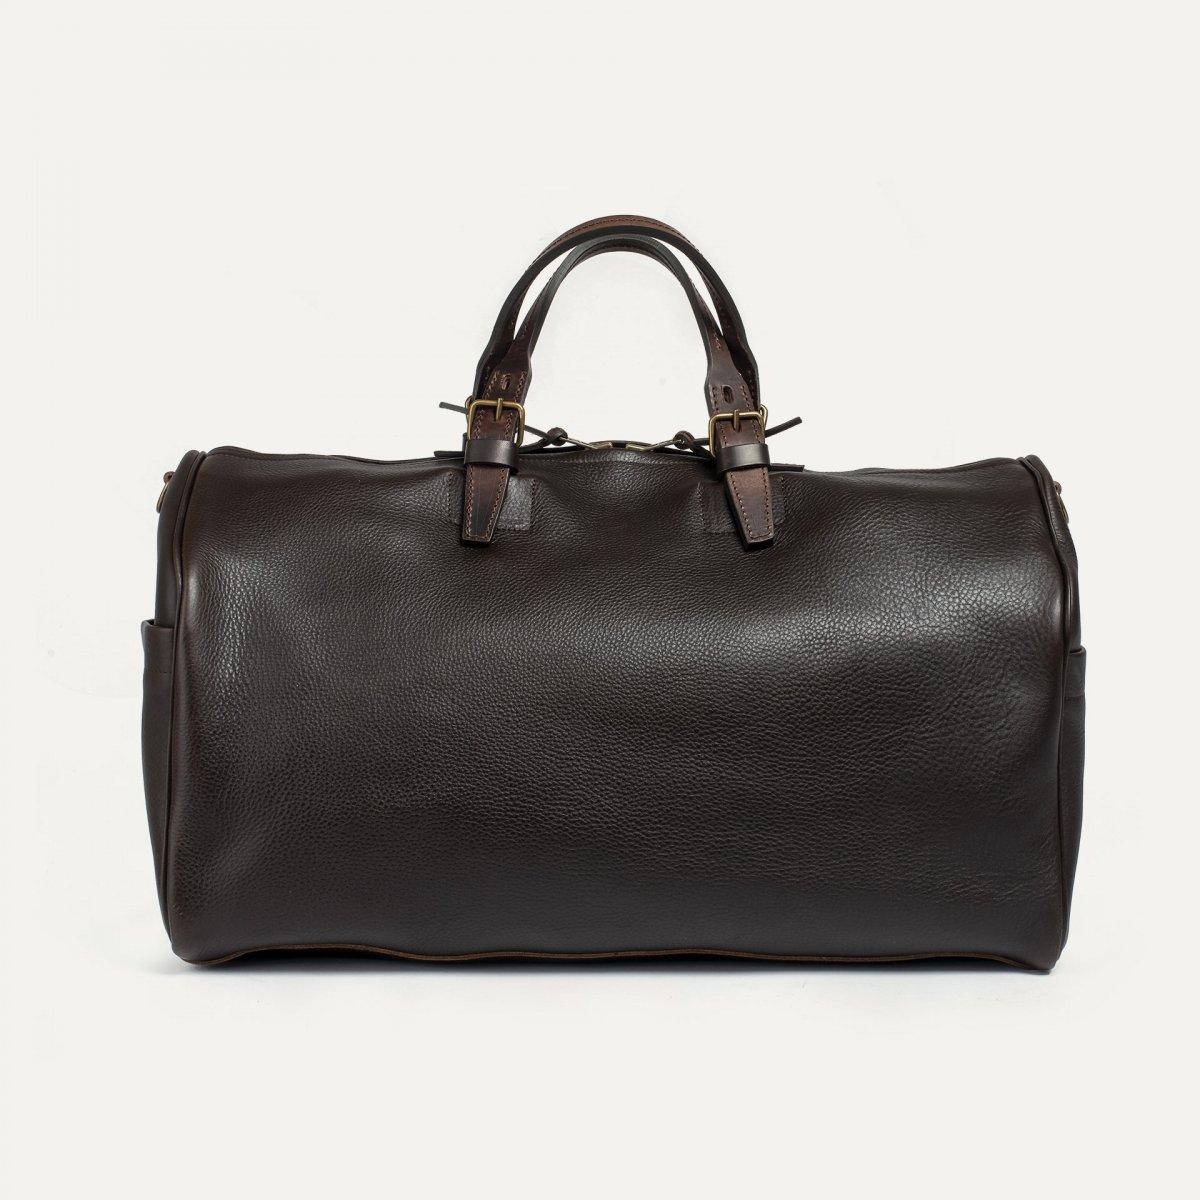 Hobo Travel bag - Dark Brown (image n°3)